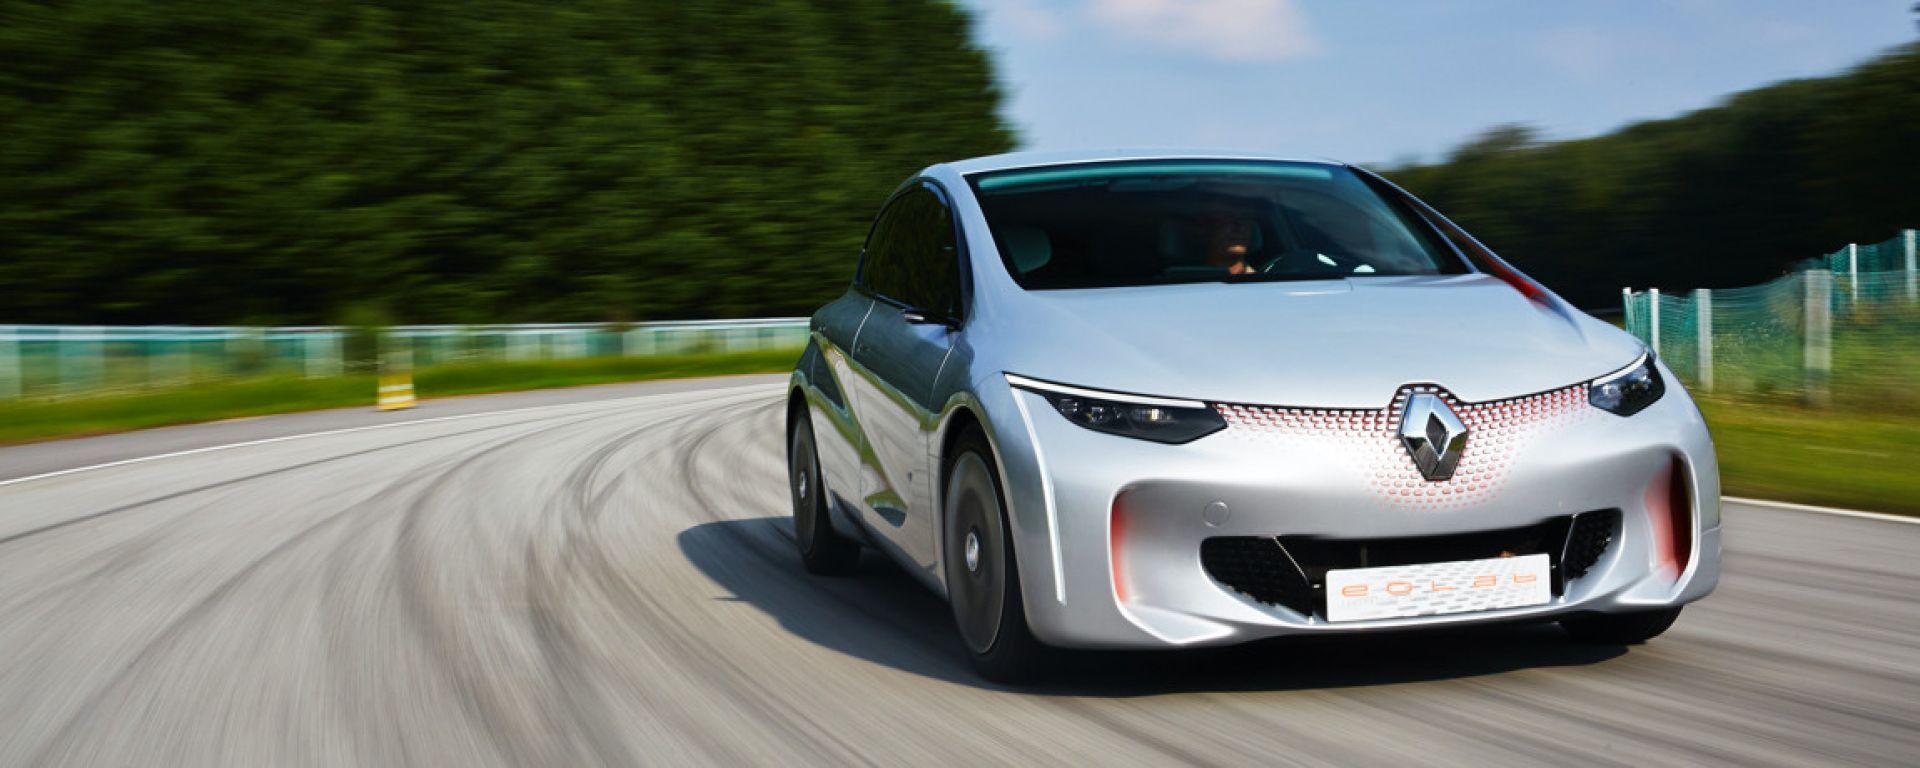 Renault Eolab: la prima ibrida plug-in francese